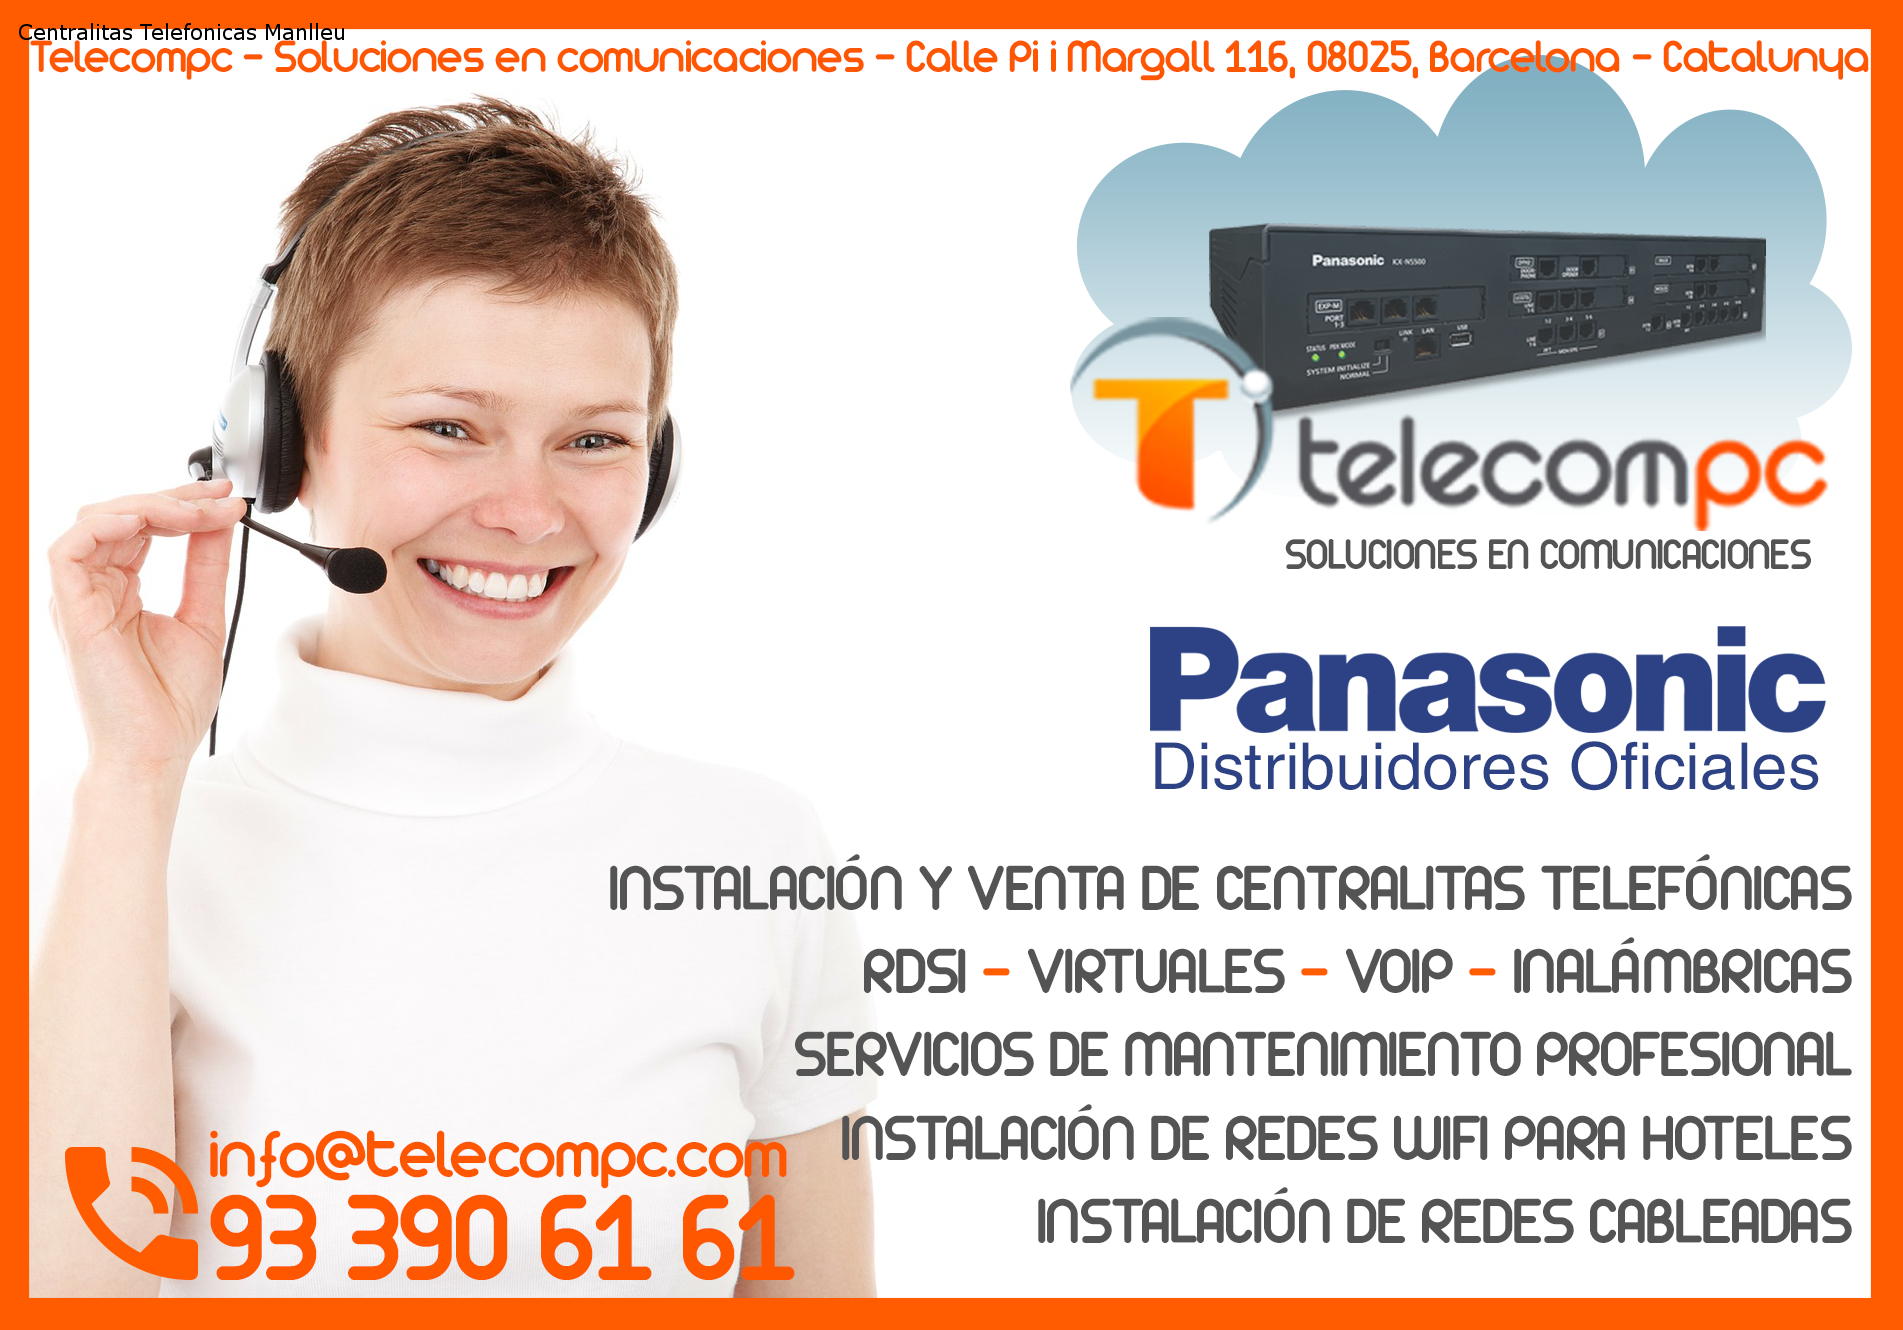 Centralitas Telefonicas Manlleu